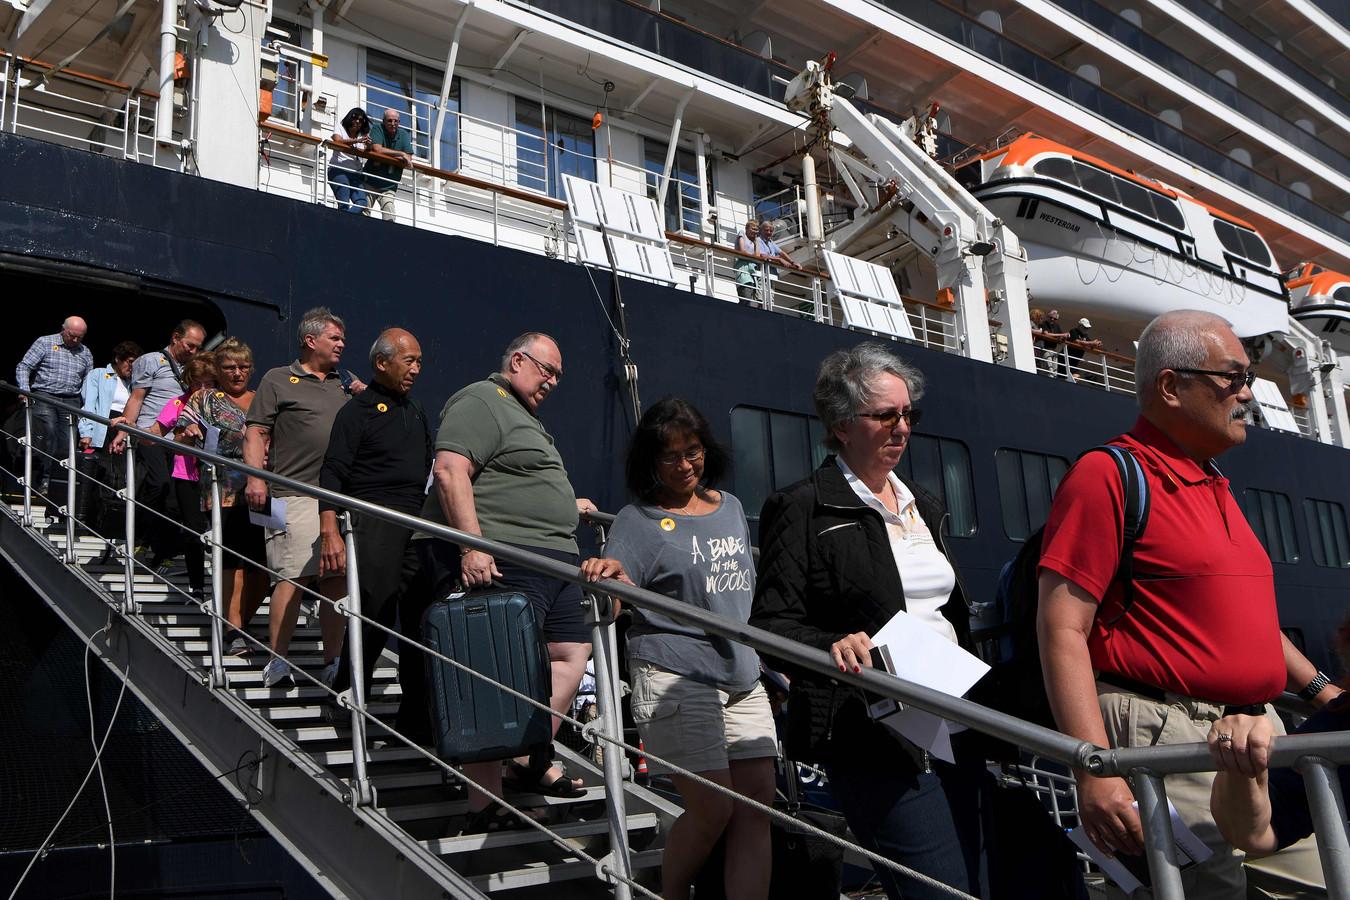 De passagiers van de Westerdam mochten gisteren dan eindelijk van boord in de haven van het Cambodjaanse Sihanoukville na een noodgedwongen verblijf van twee weken op zee.